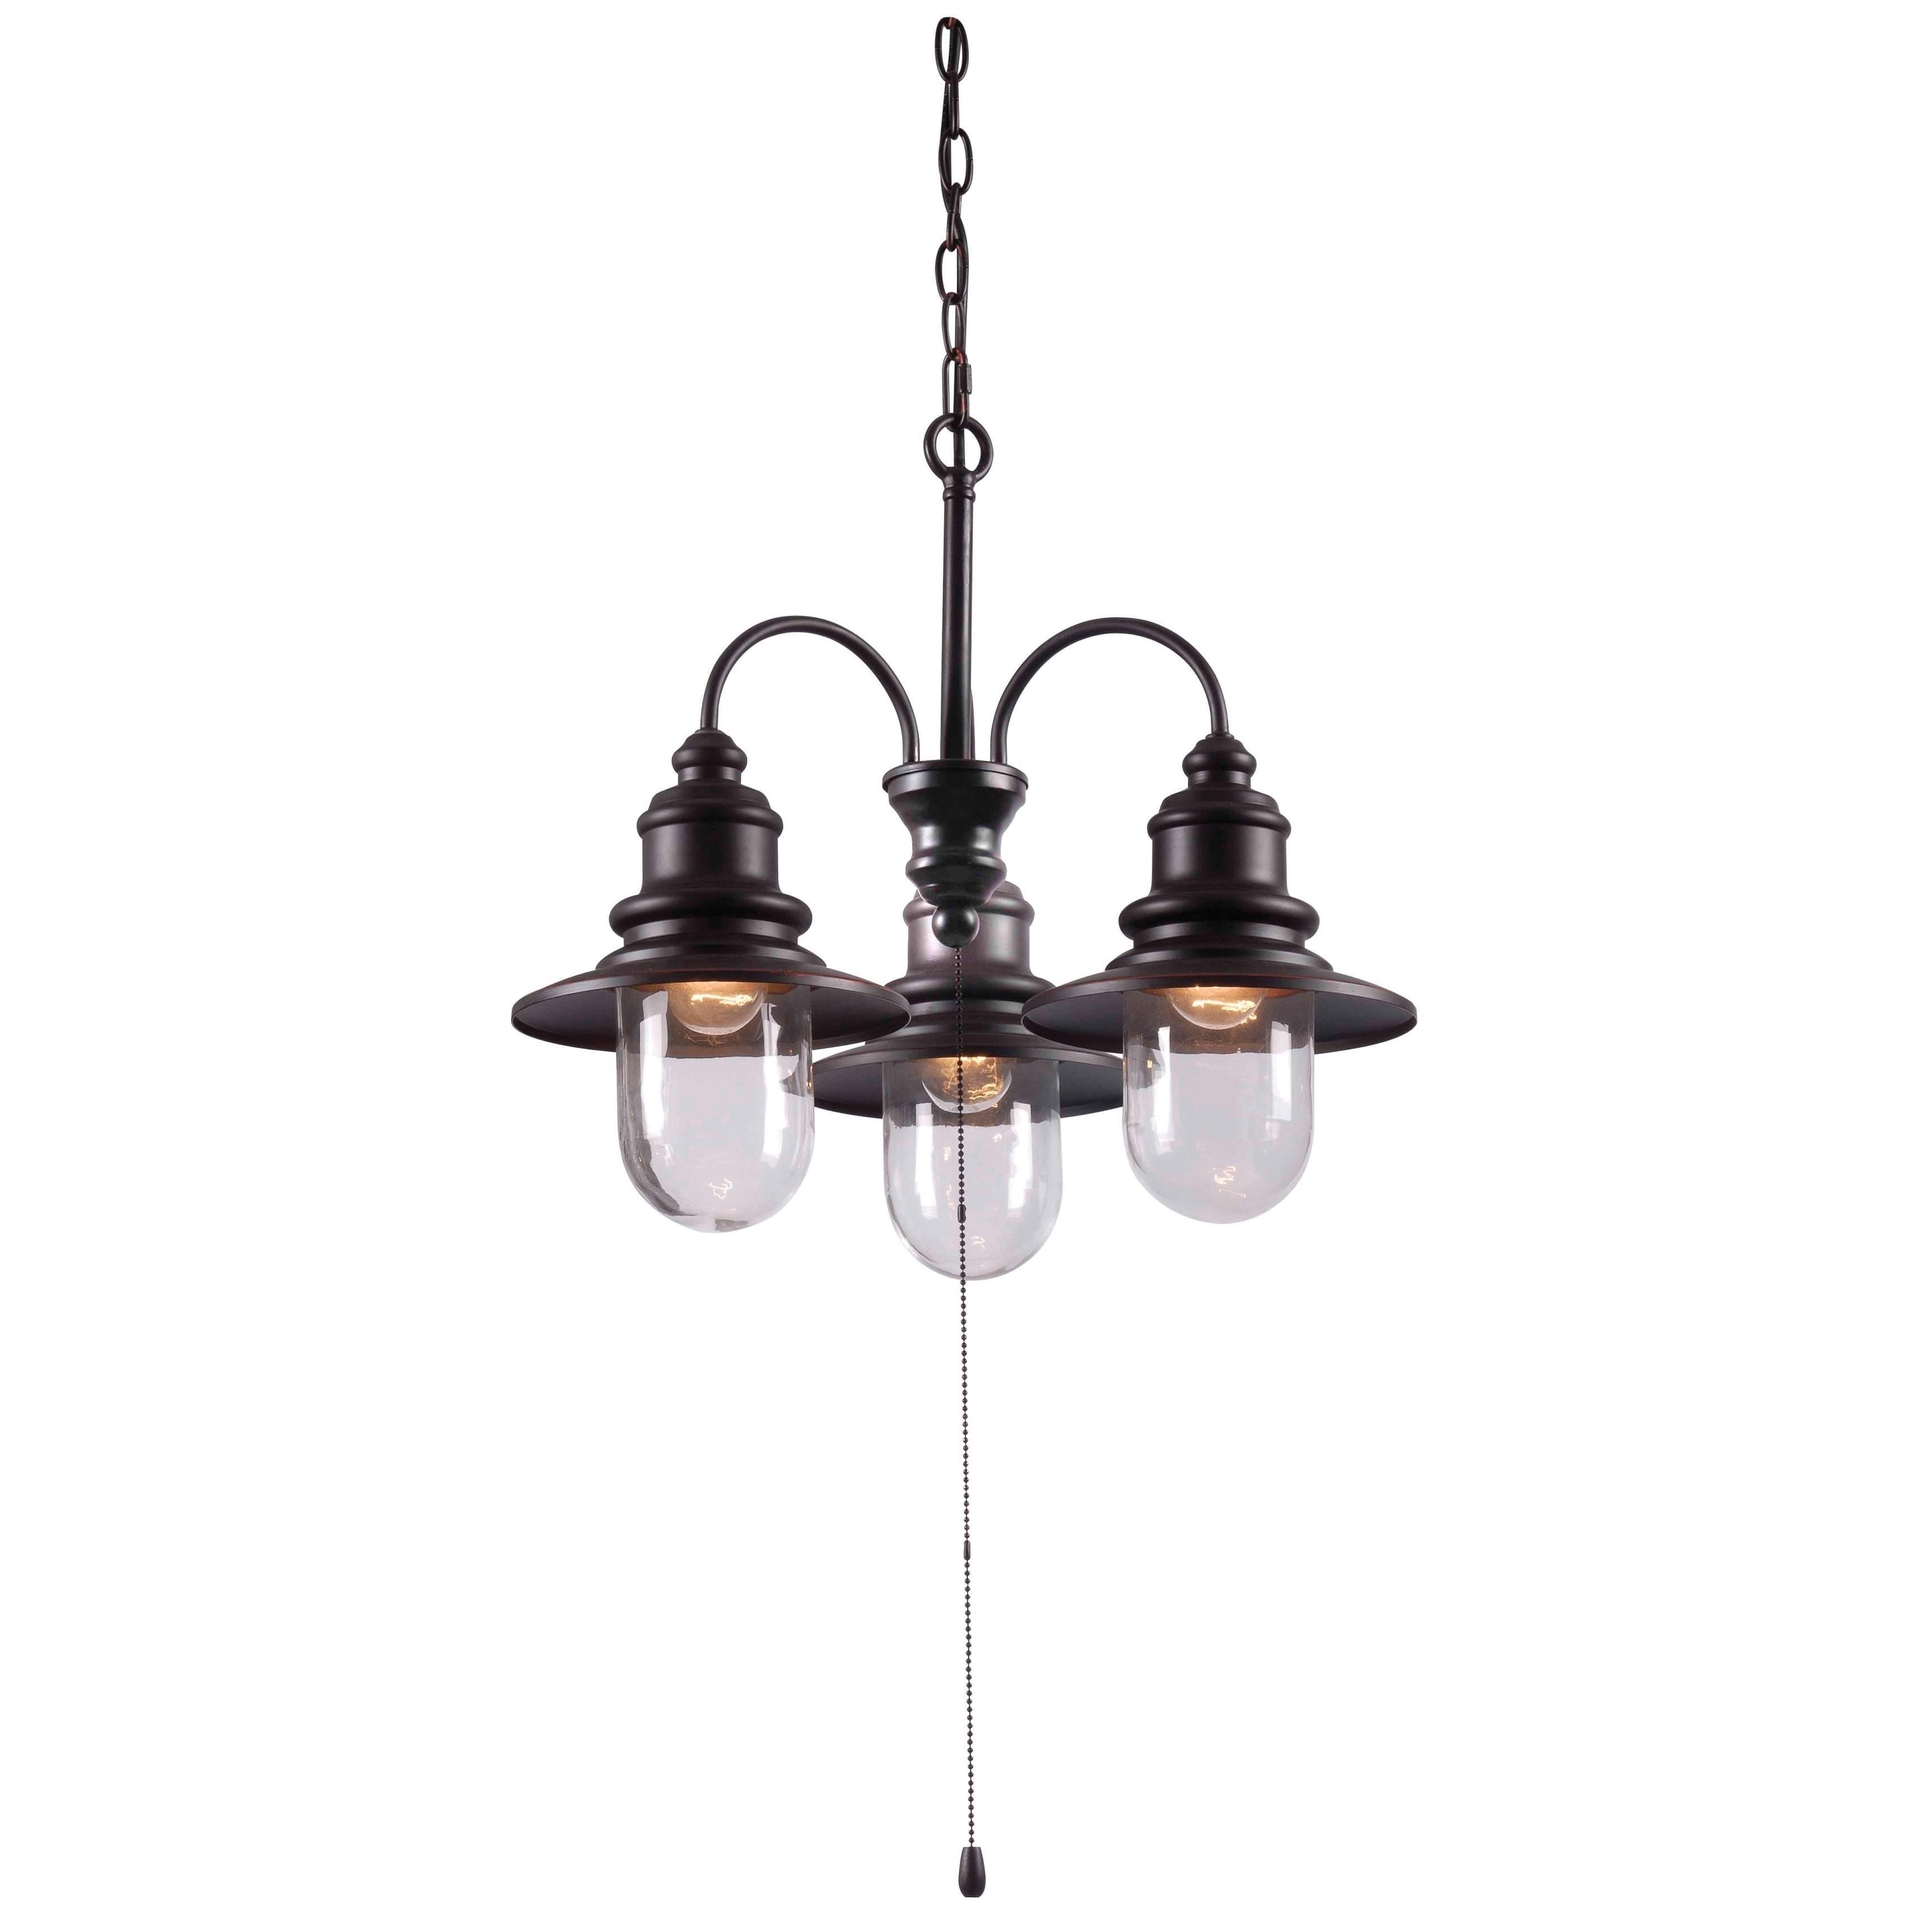 Visp Blackened Oil Rubbed Bronze 3 Light Outdoor Chandelier